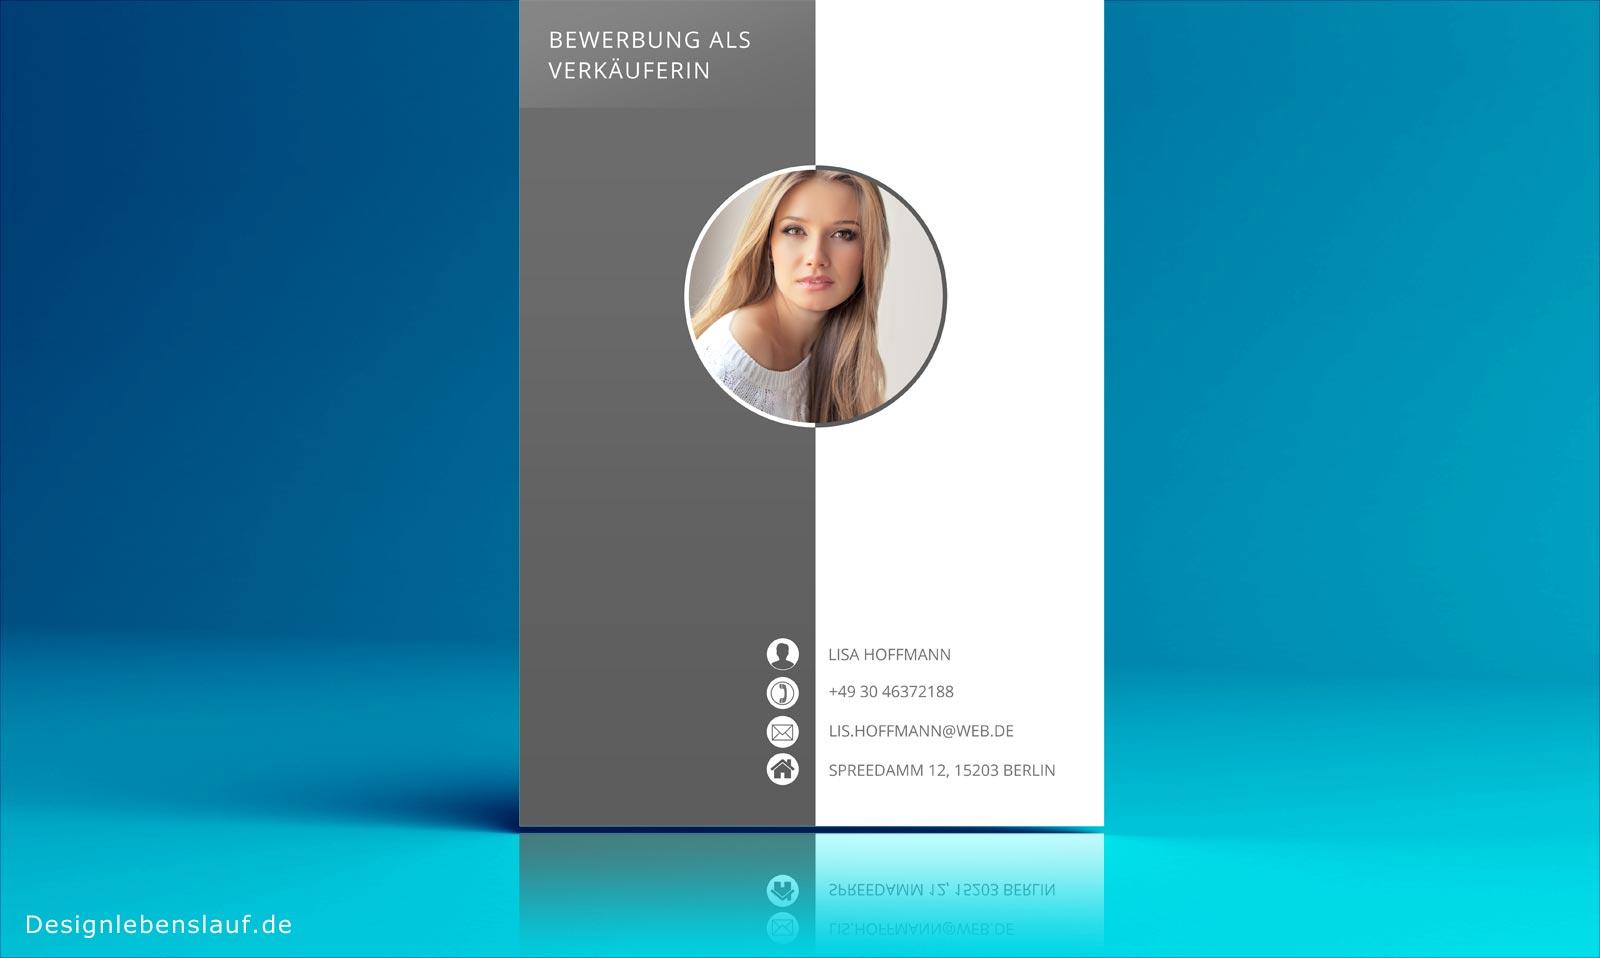 Online bewerben mit bewerbungsvorlagen vom designer for Interior design ausbildung schweiz